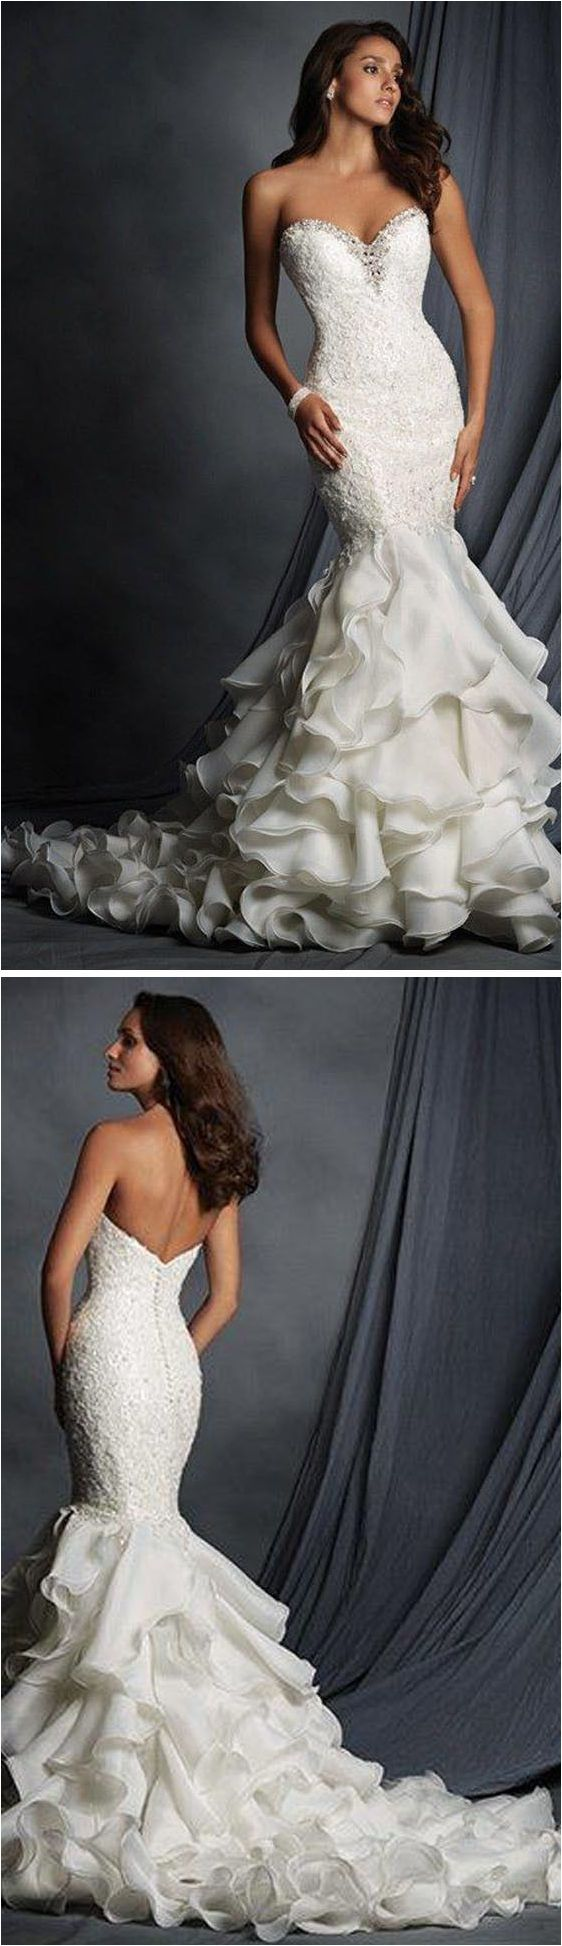 Unique 50+ Elegant Lace Mermaid Wedding Dresses https://bridalore.com/2017/11/10/50-elegant-lace-mermaid-wedding-dresses/